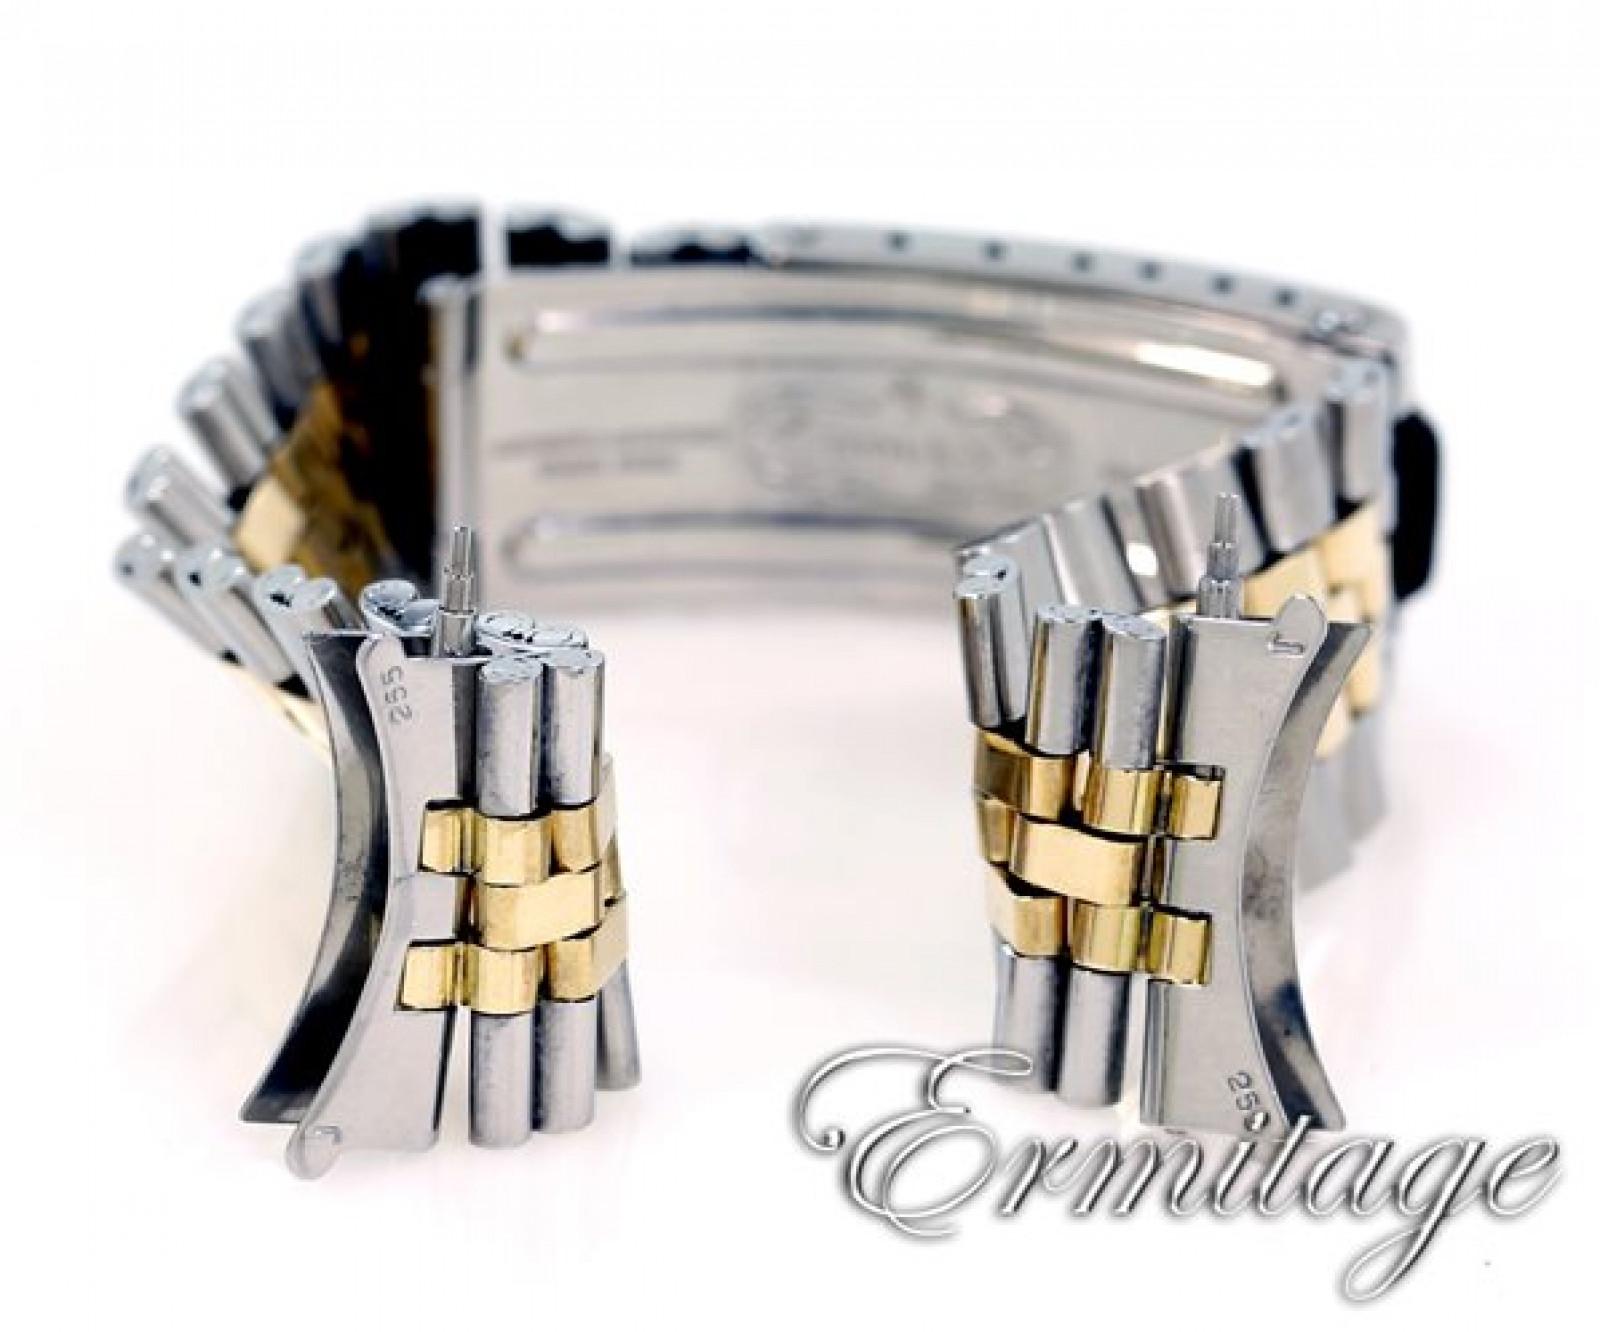 Vintage Rare Rolex Datejust 1601 Gold & Steel Year 1974